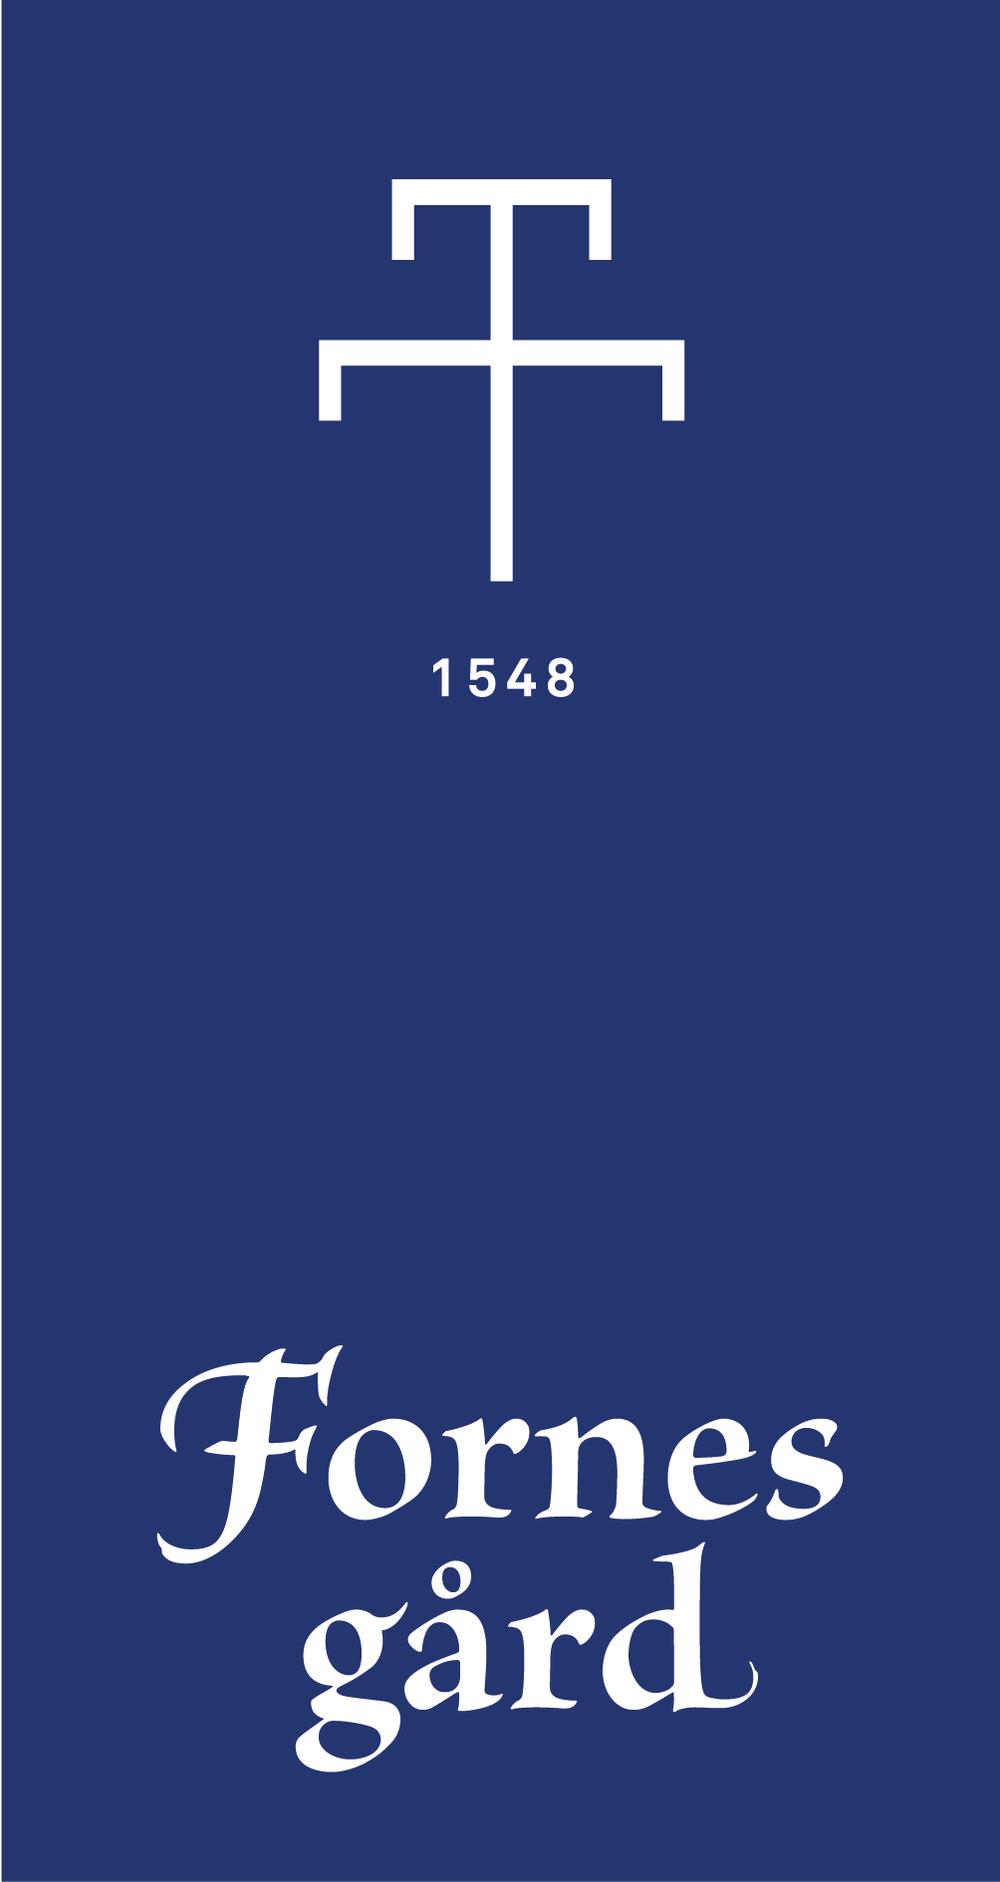 fornes gård logoer høy-04.png